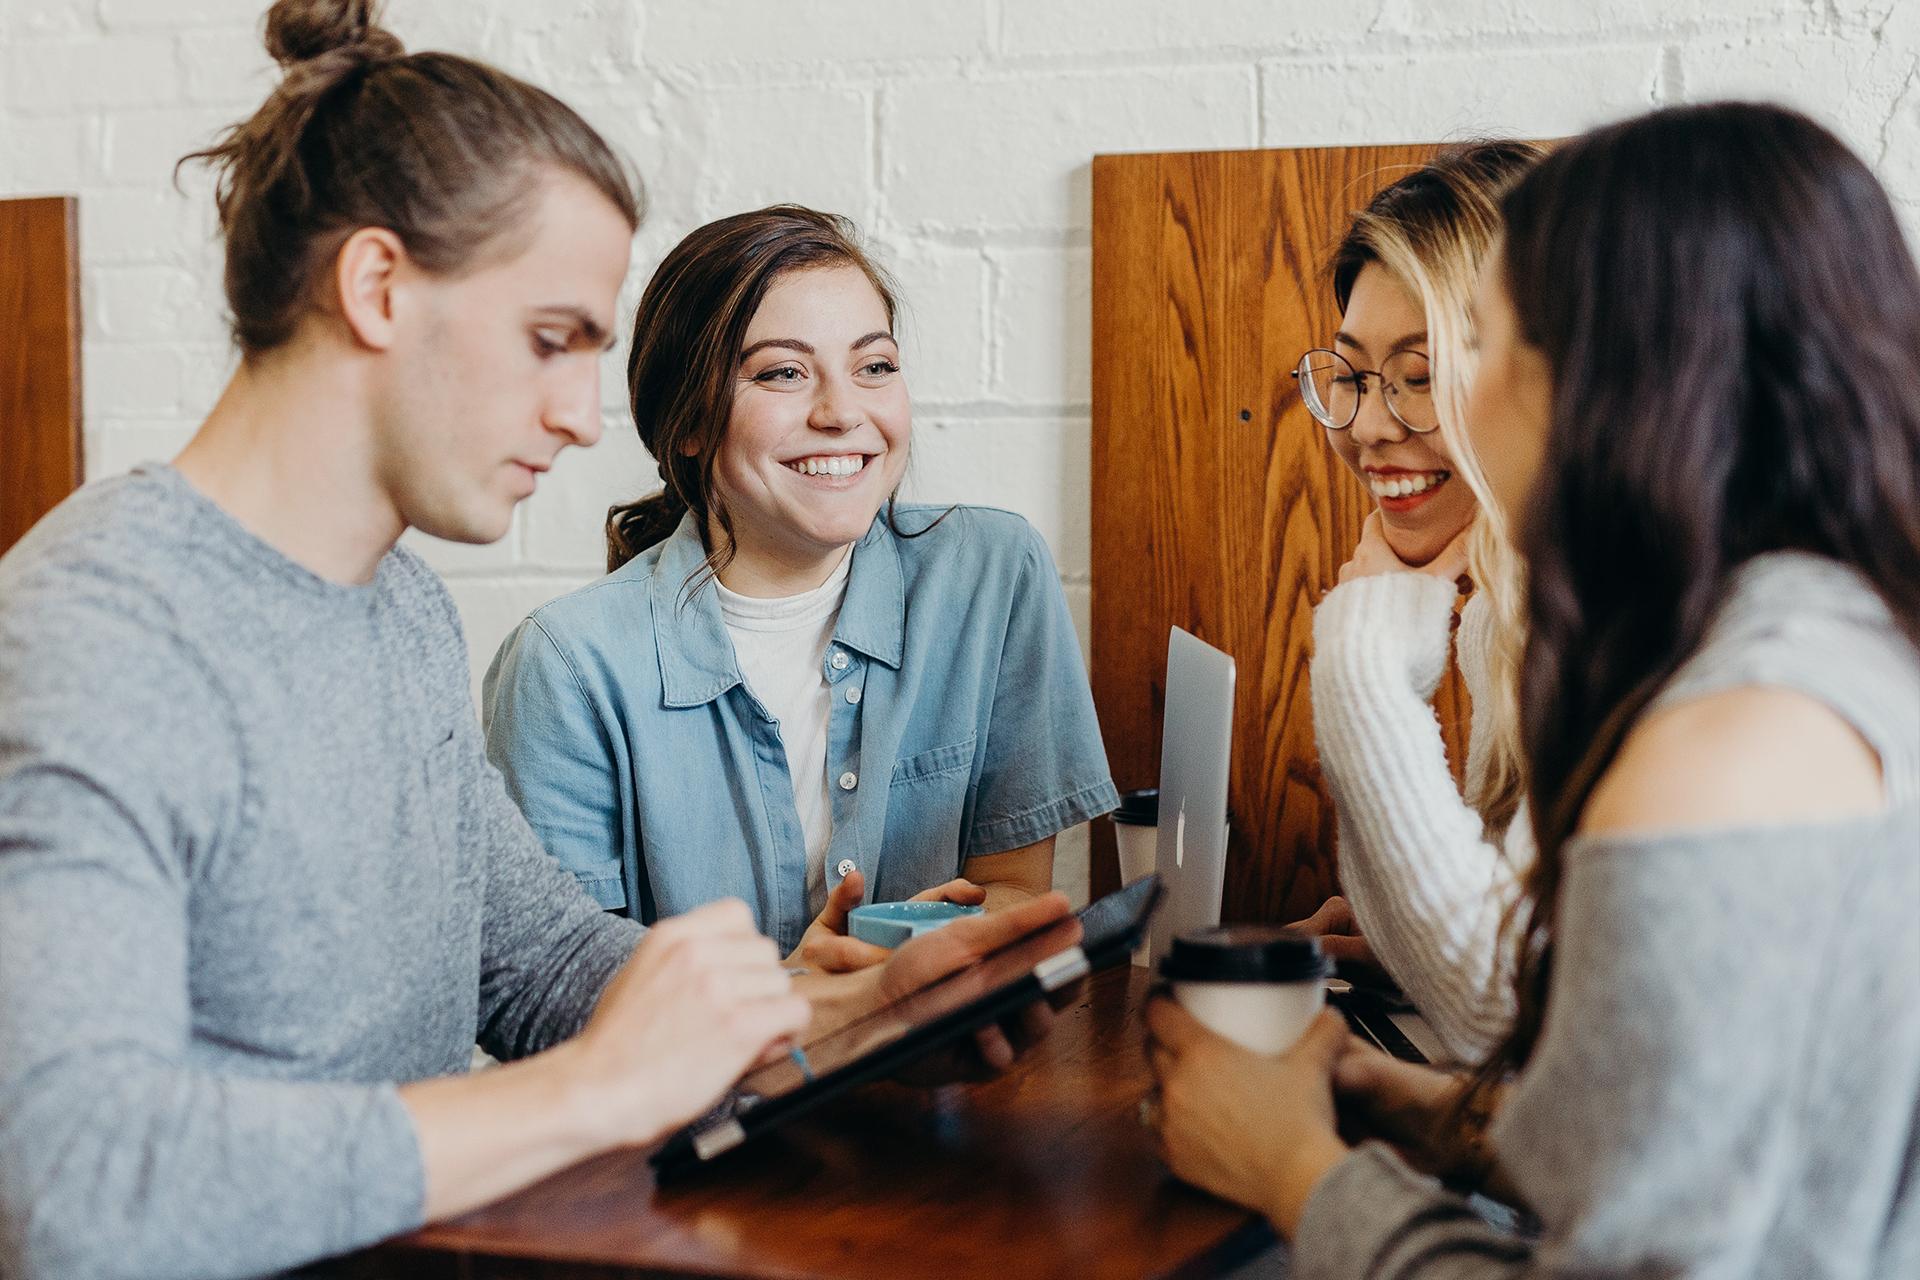 Personalfachkaufleute treffen sich in Cafe miteinander und führen Gespräch